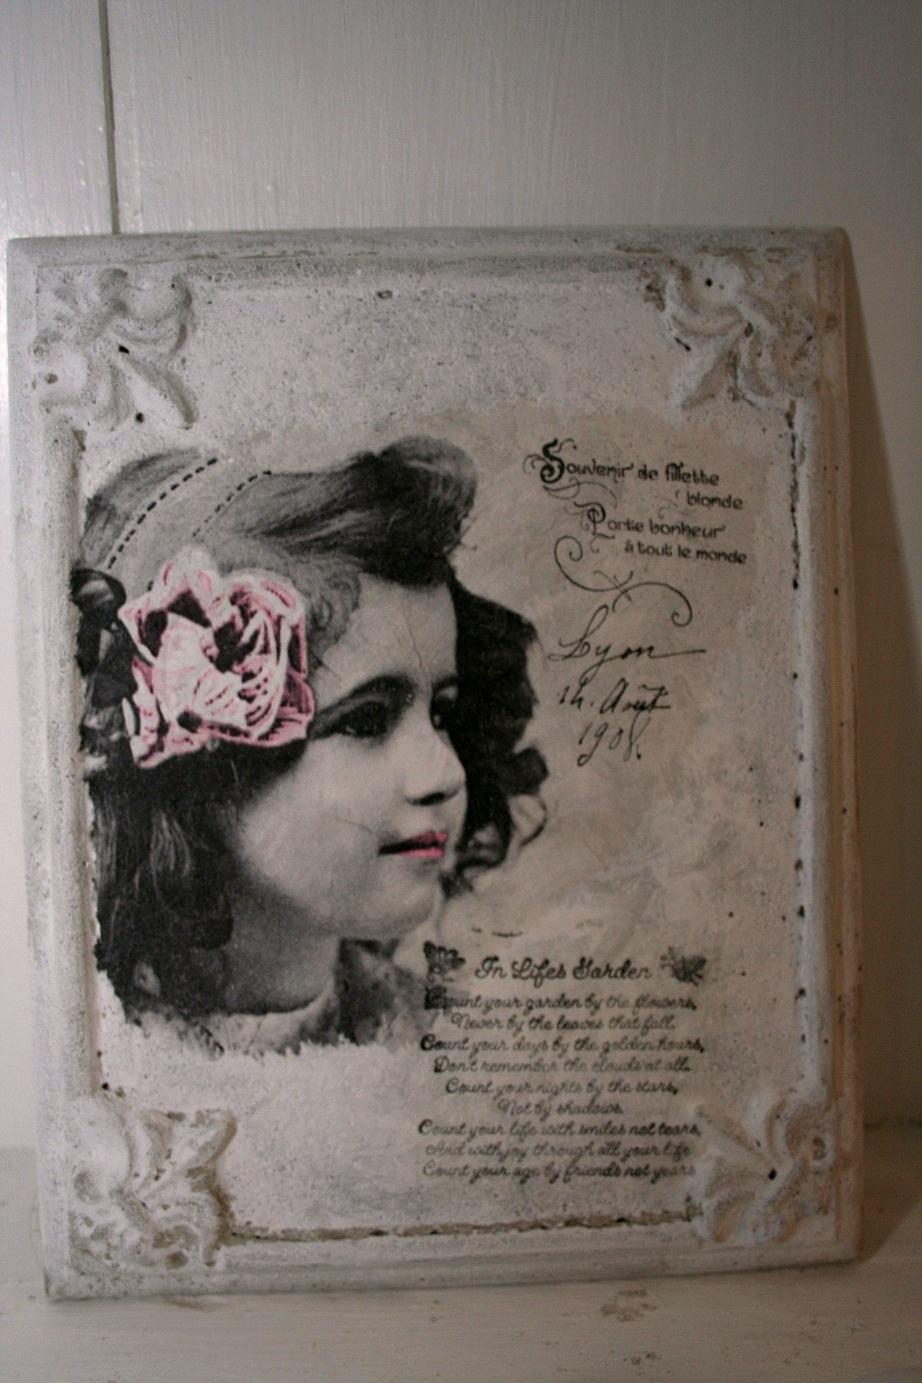 Betongform tavla,dekor,franska liljan nr.2   tant gräddelin